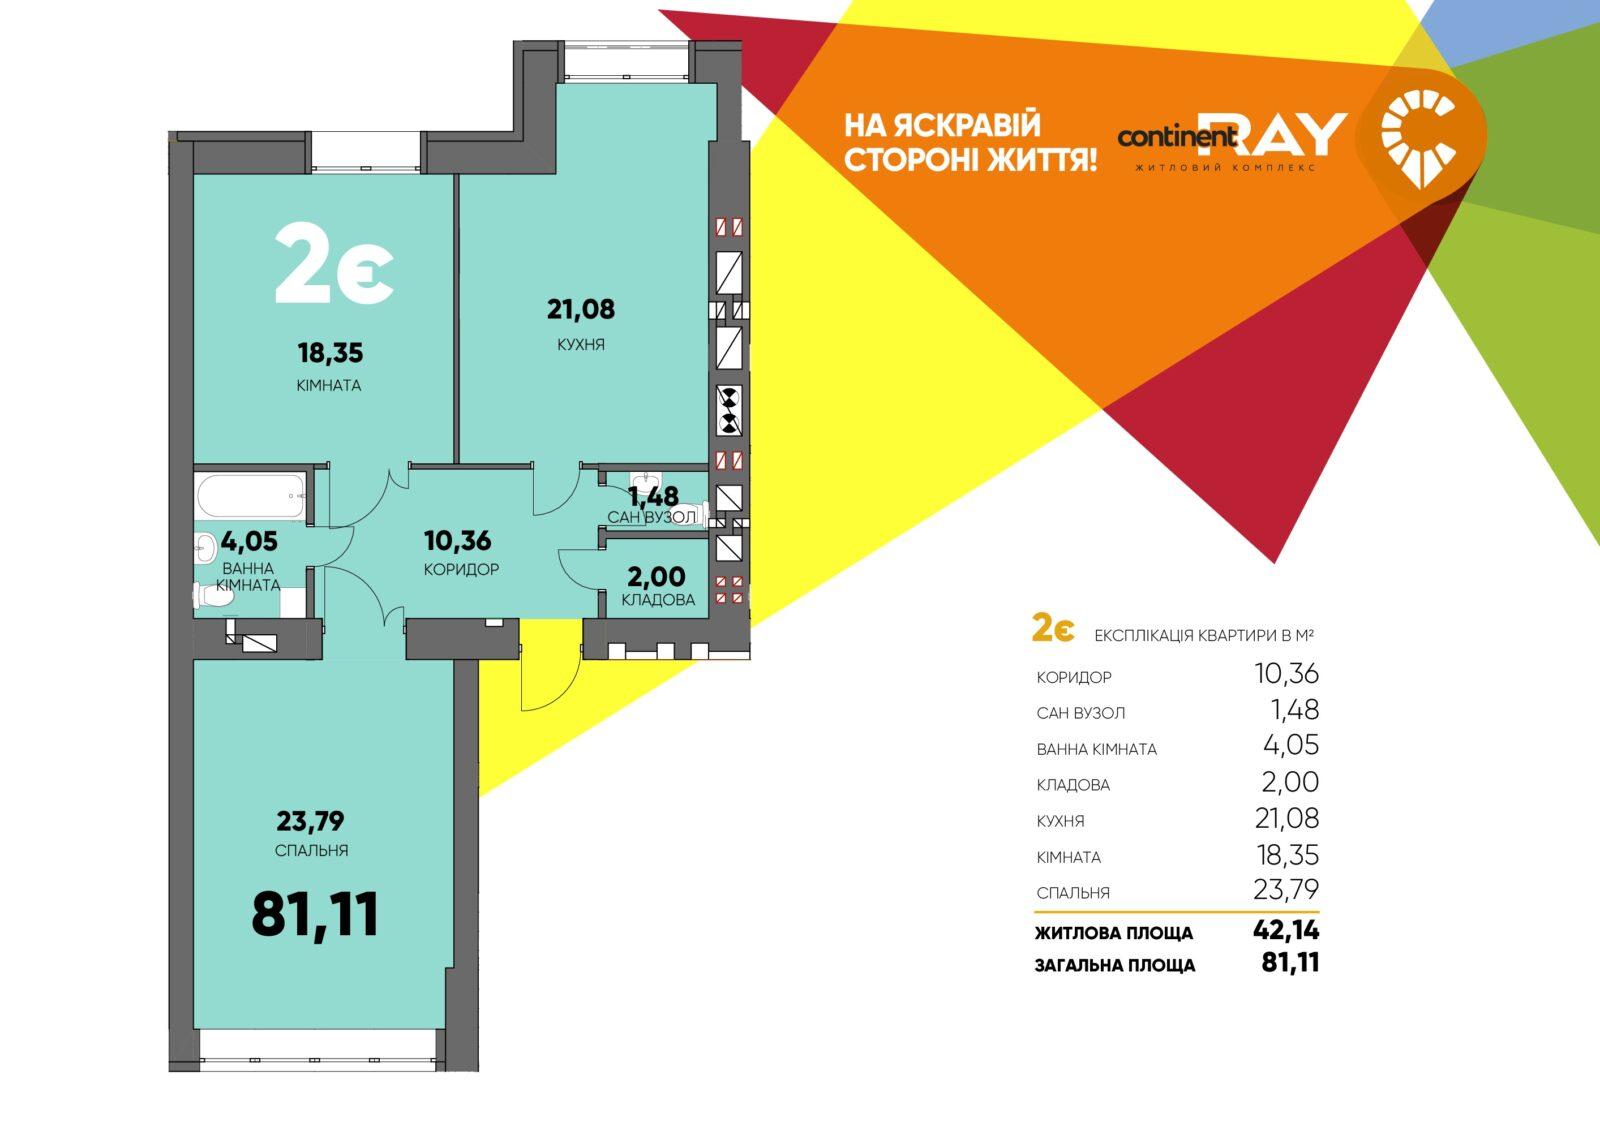 2-кімн. кв 2є 81.11 м²